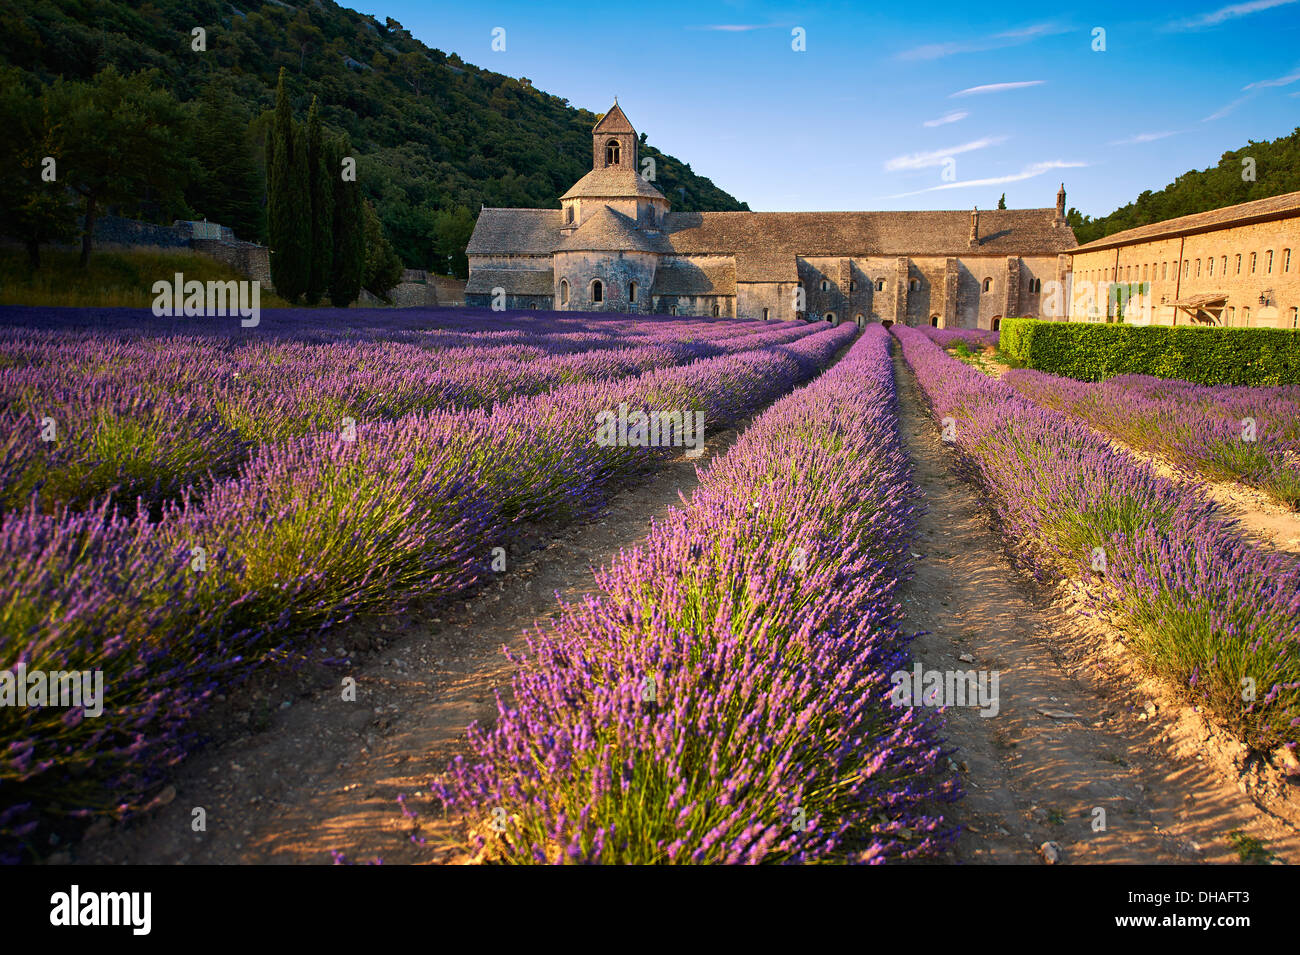 Die 12. Jahrhundert Romanesque Zisterzienser Abtei Notre-Dame von Senanque, in blühenden Lavendel Felder der Provence. Stockbild